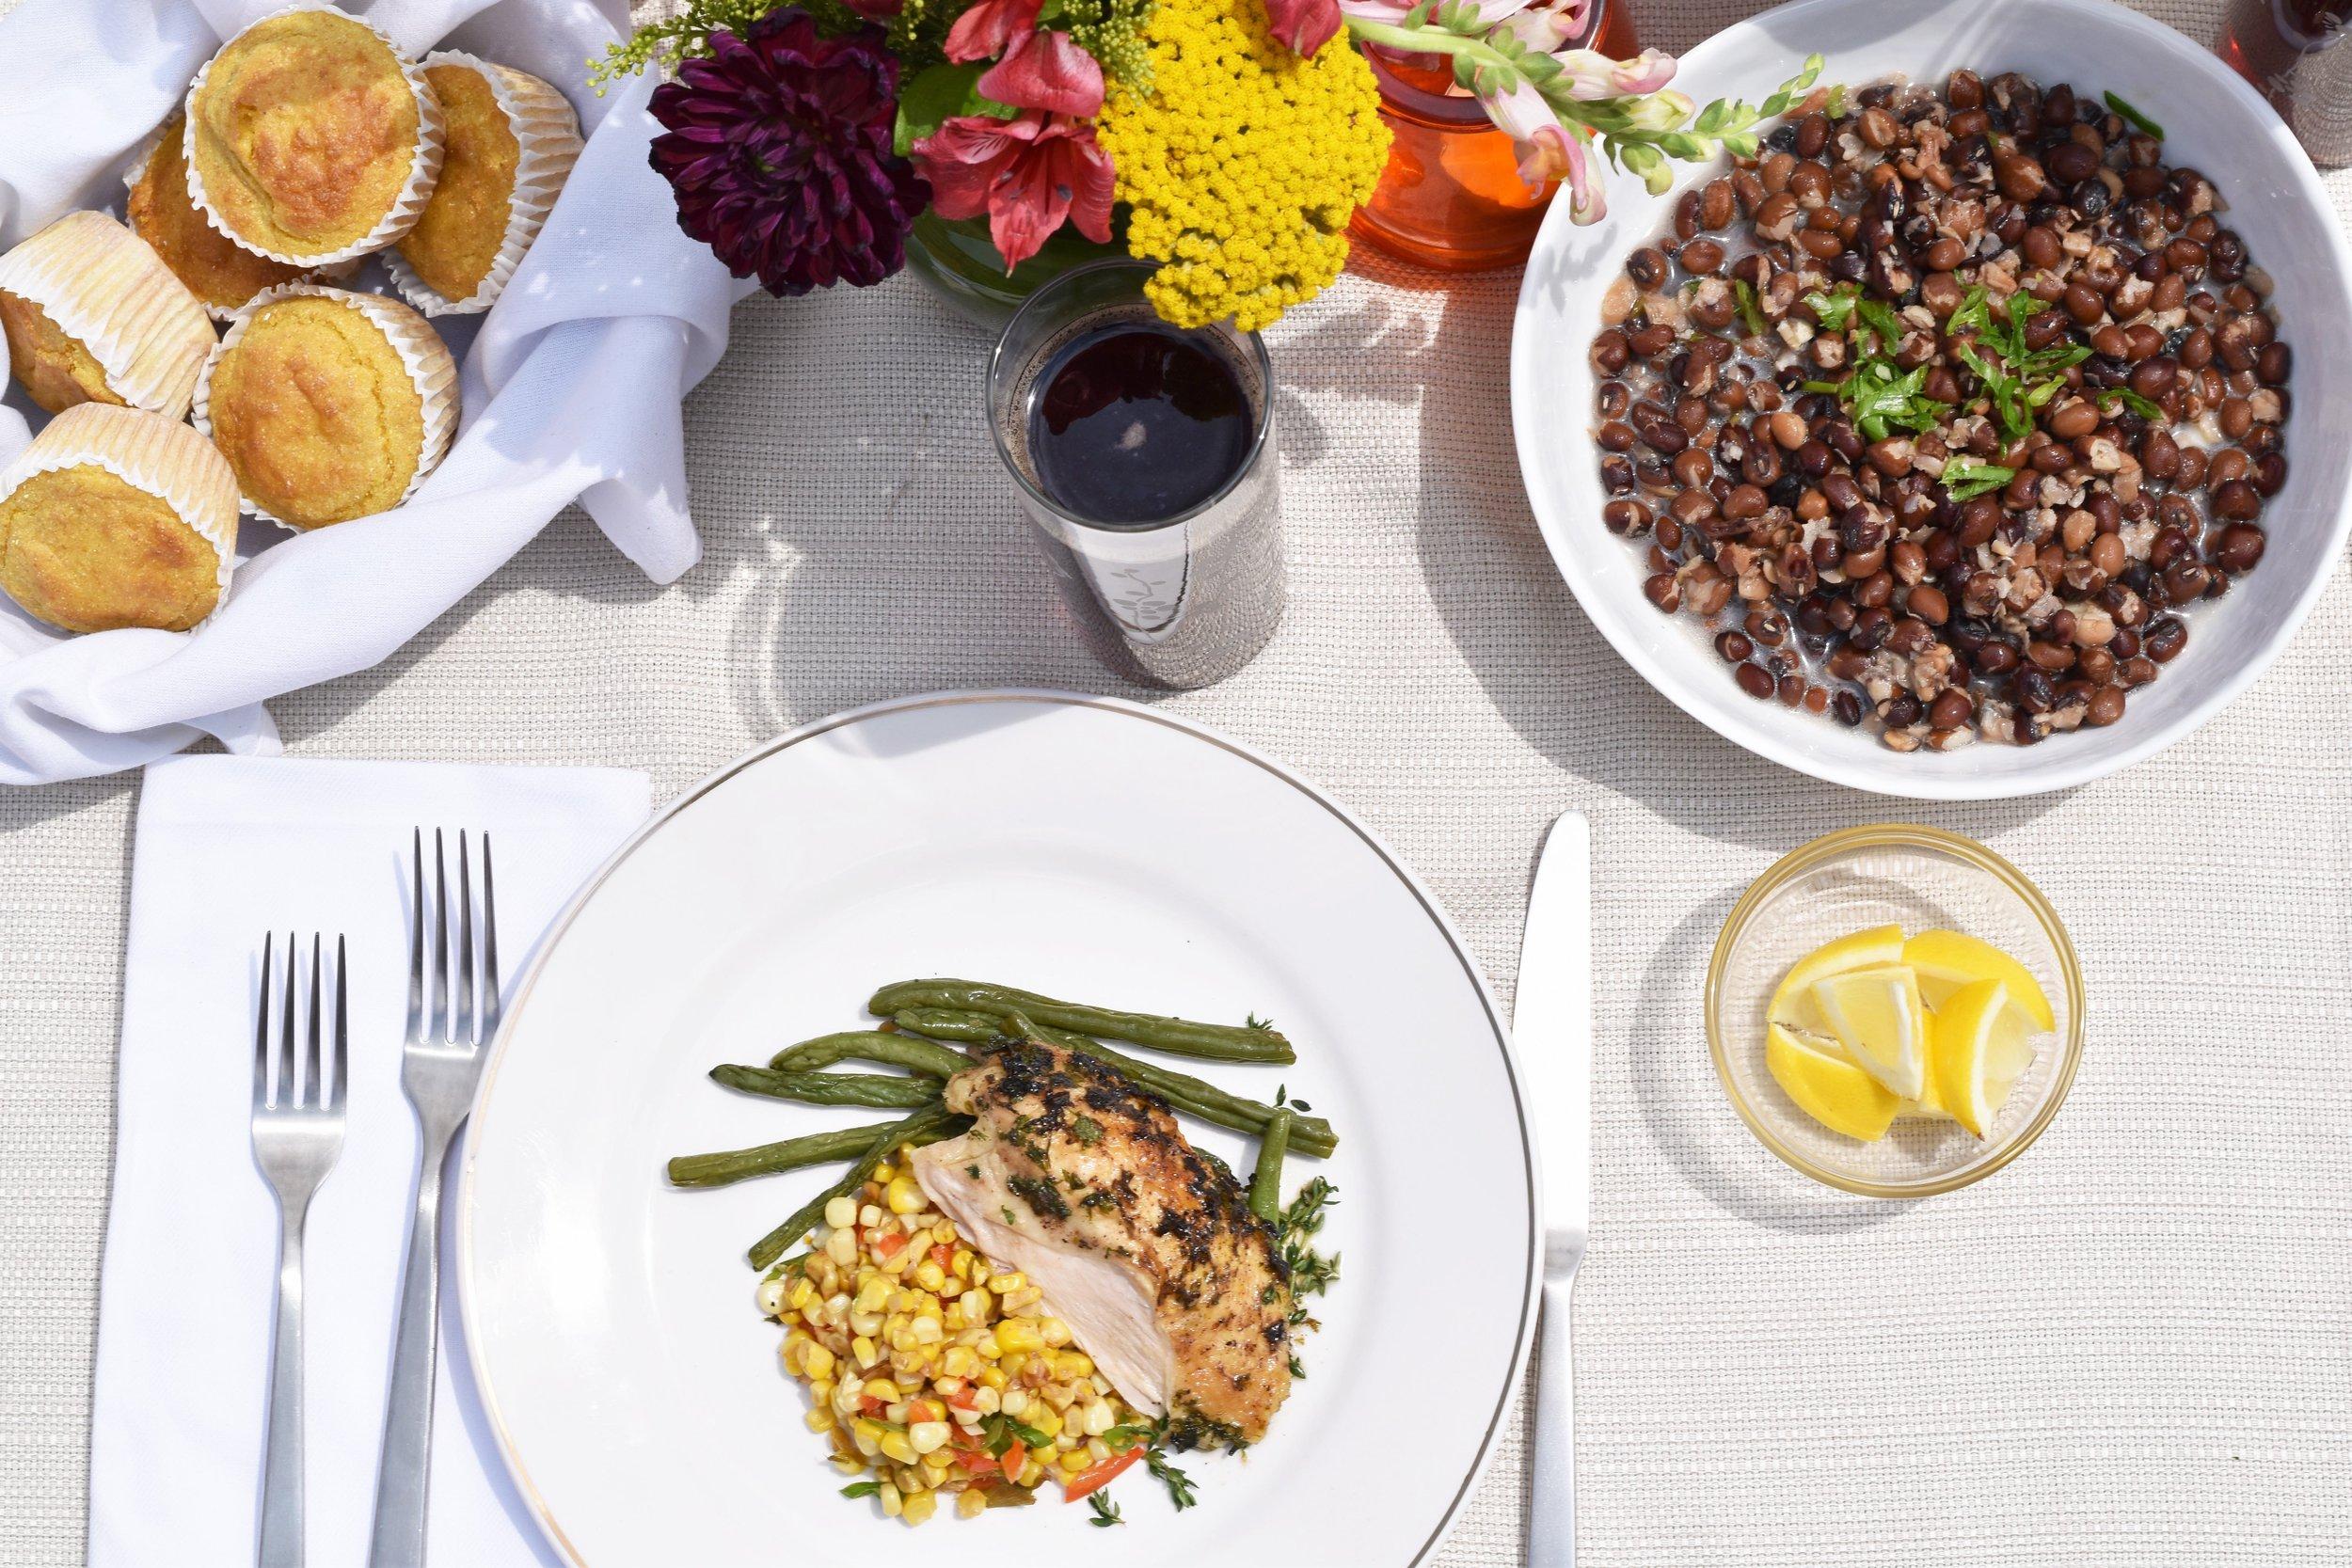 Heartfelt Catering Summer Table 1 sm.jpg